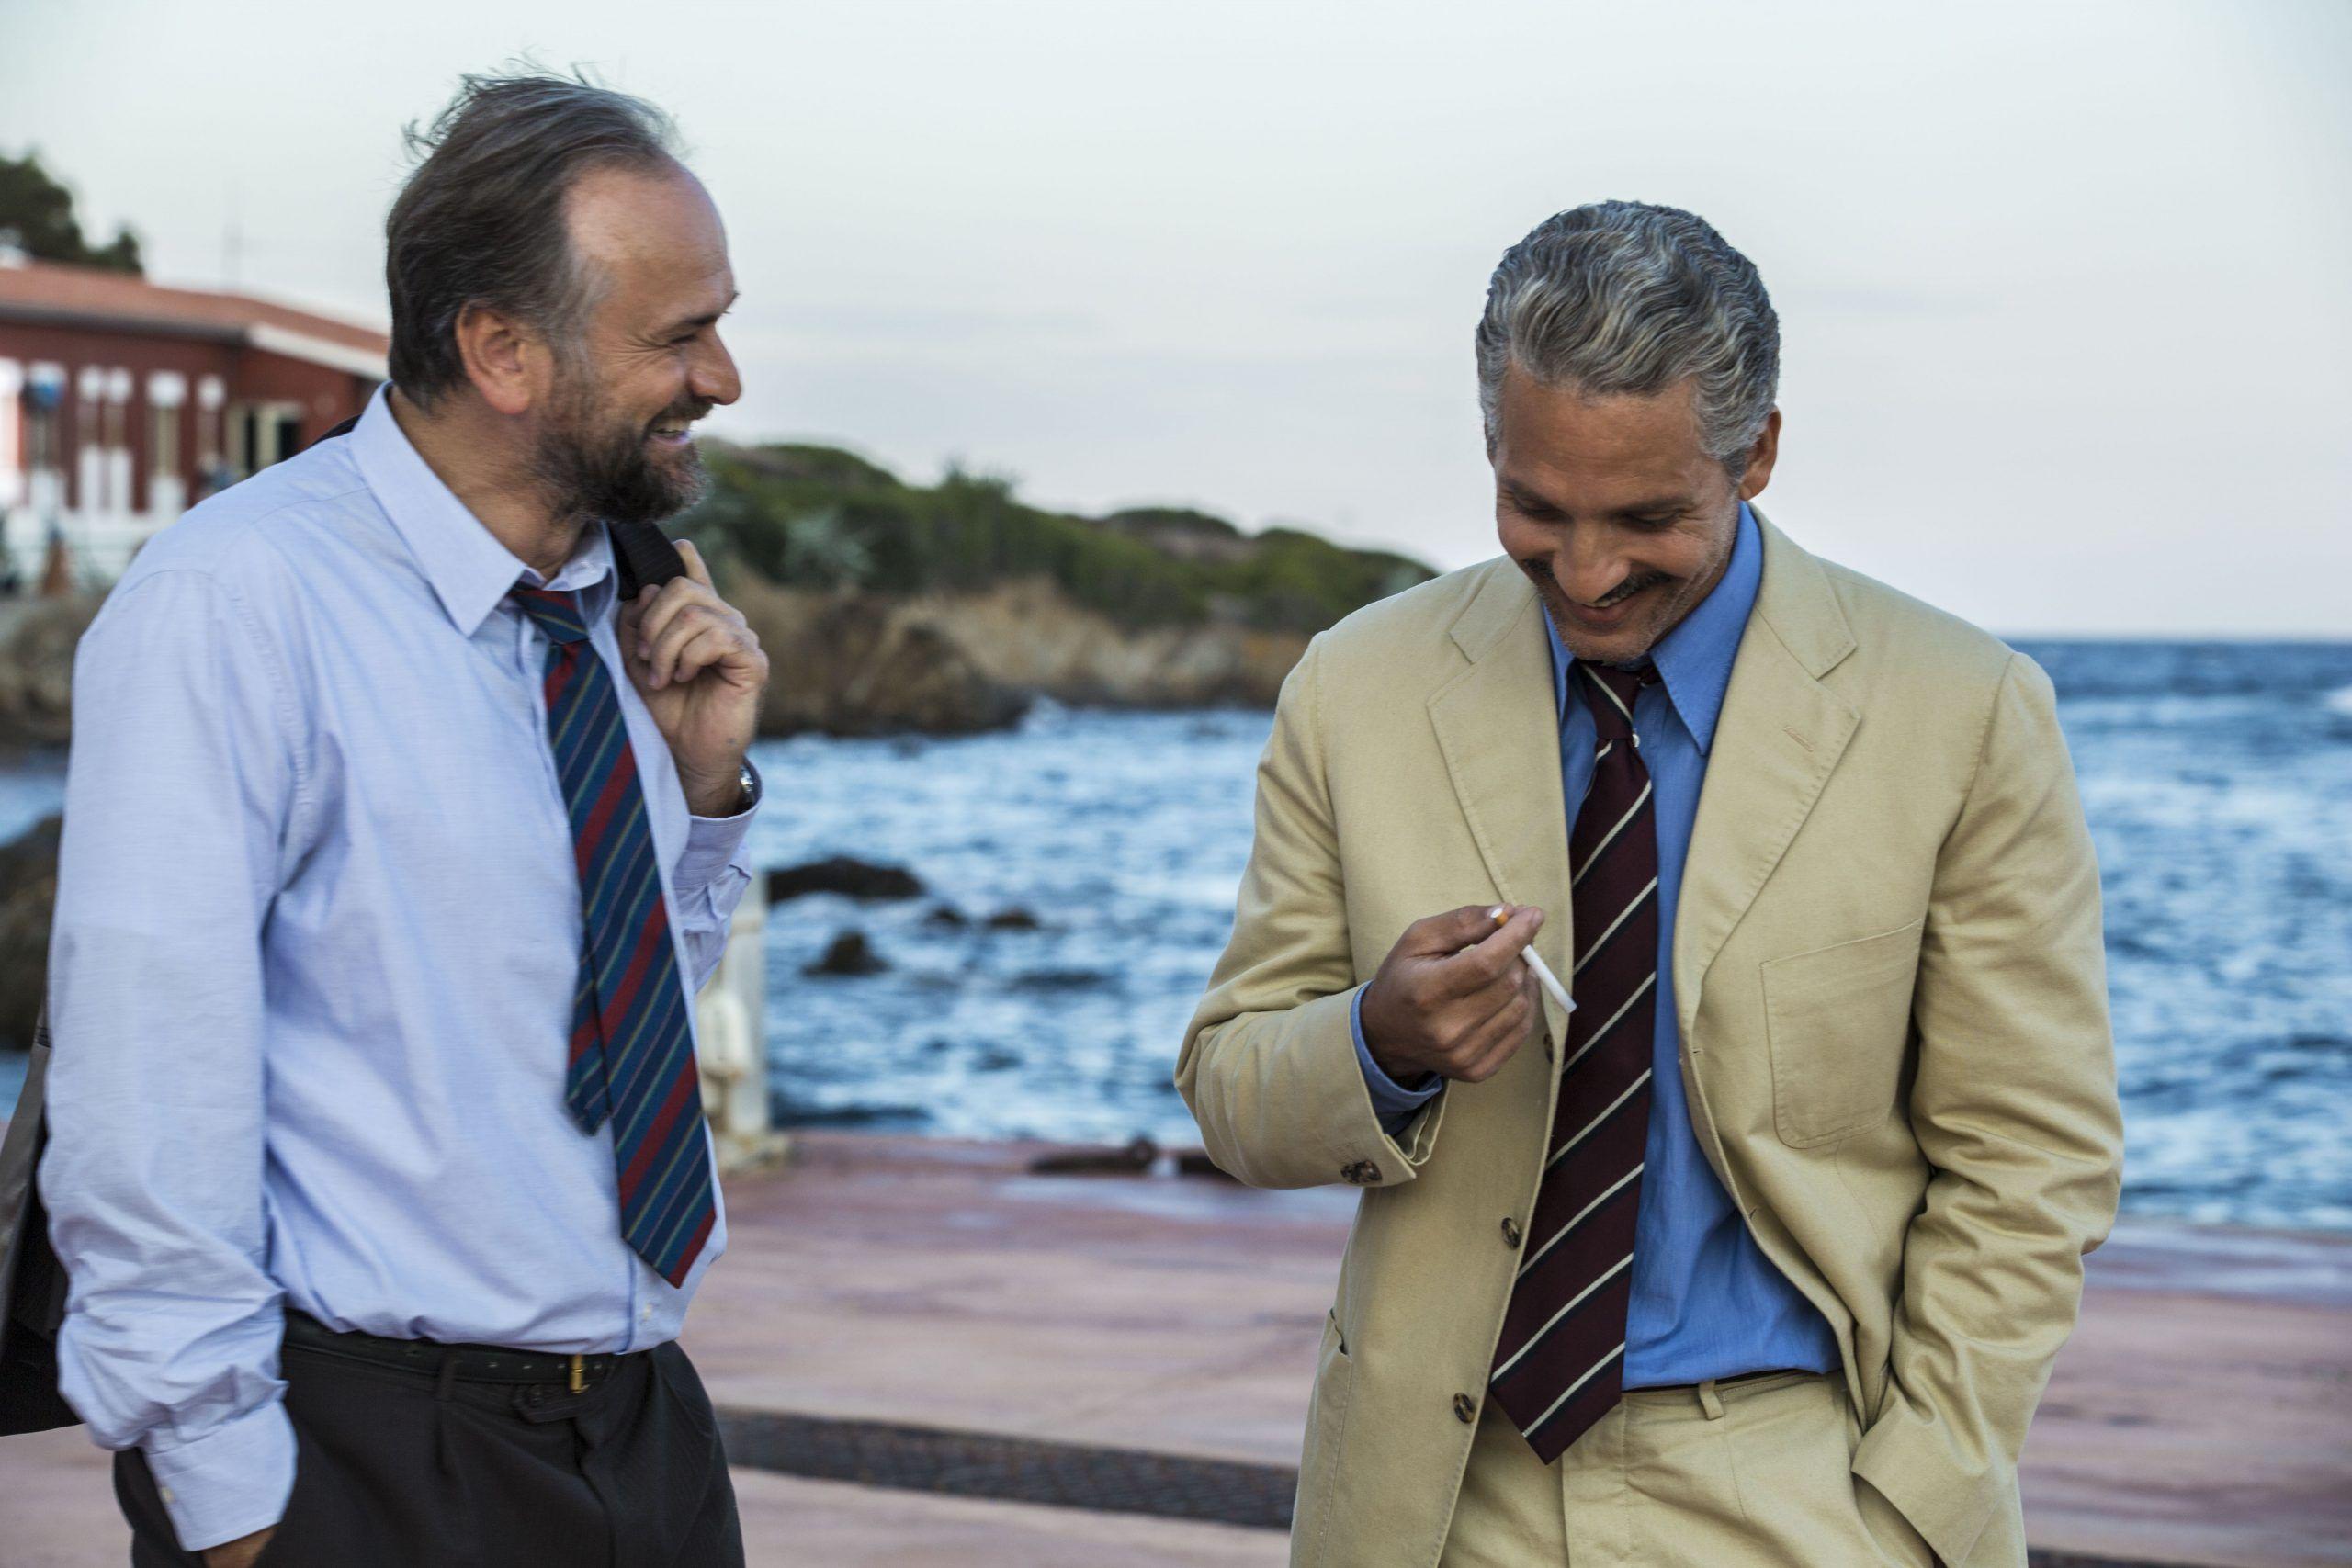 Era d'estate: trama del film sulla 'vacanza forzata' di Falcone e Borsellino all'Asinara